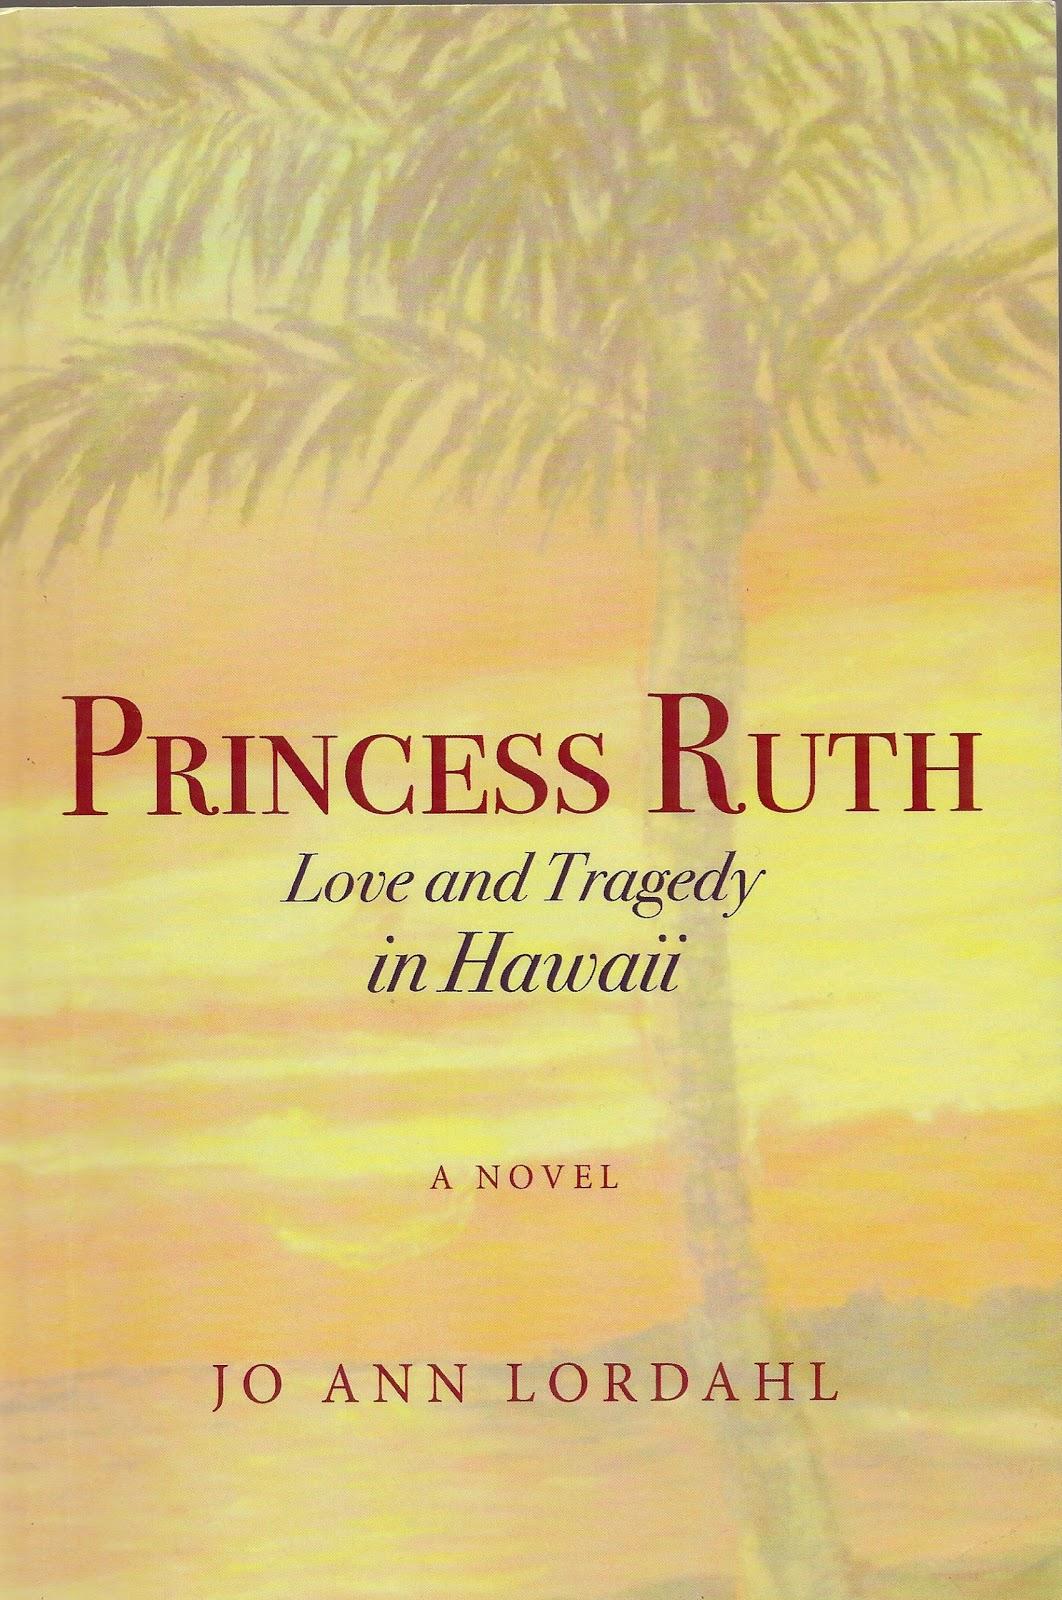 http://4.bp.blogspot.com/-MvRJgjnZ0TA/Tviu9tC6UyI/AAAAAAAAAy8/vo8EiFNI7PM/s1600/Princess+Ruth.jpg